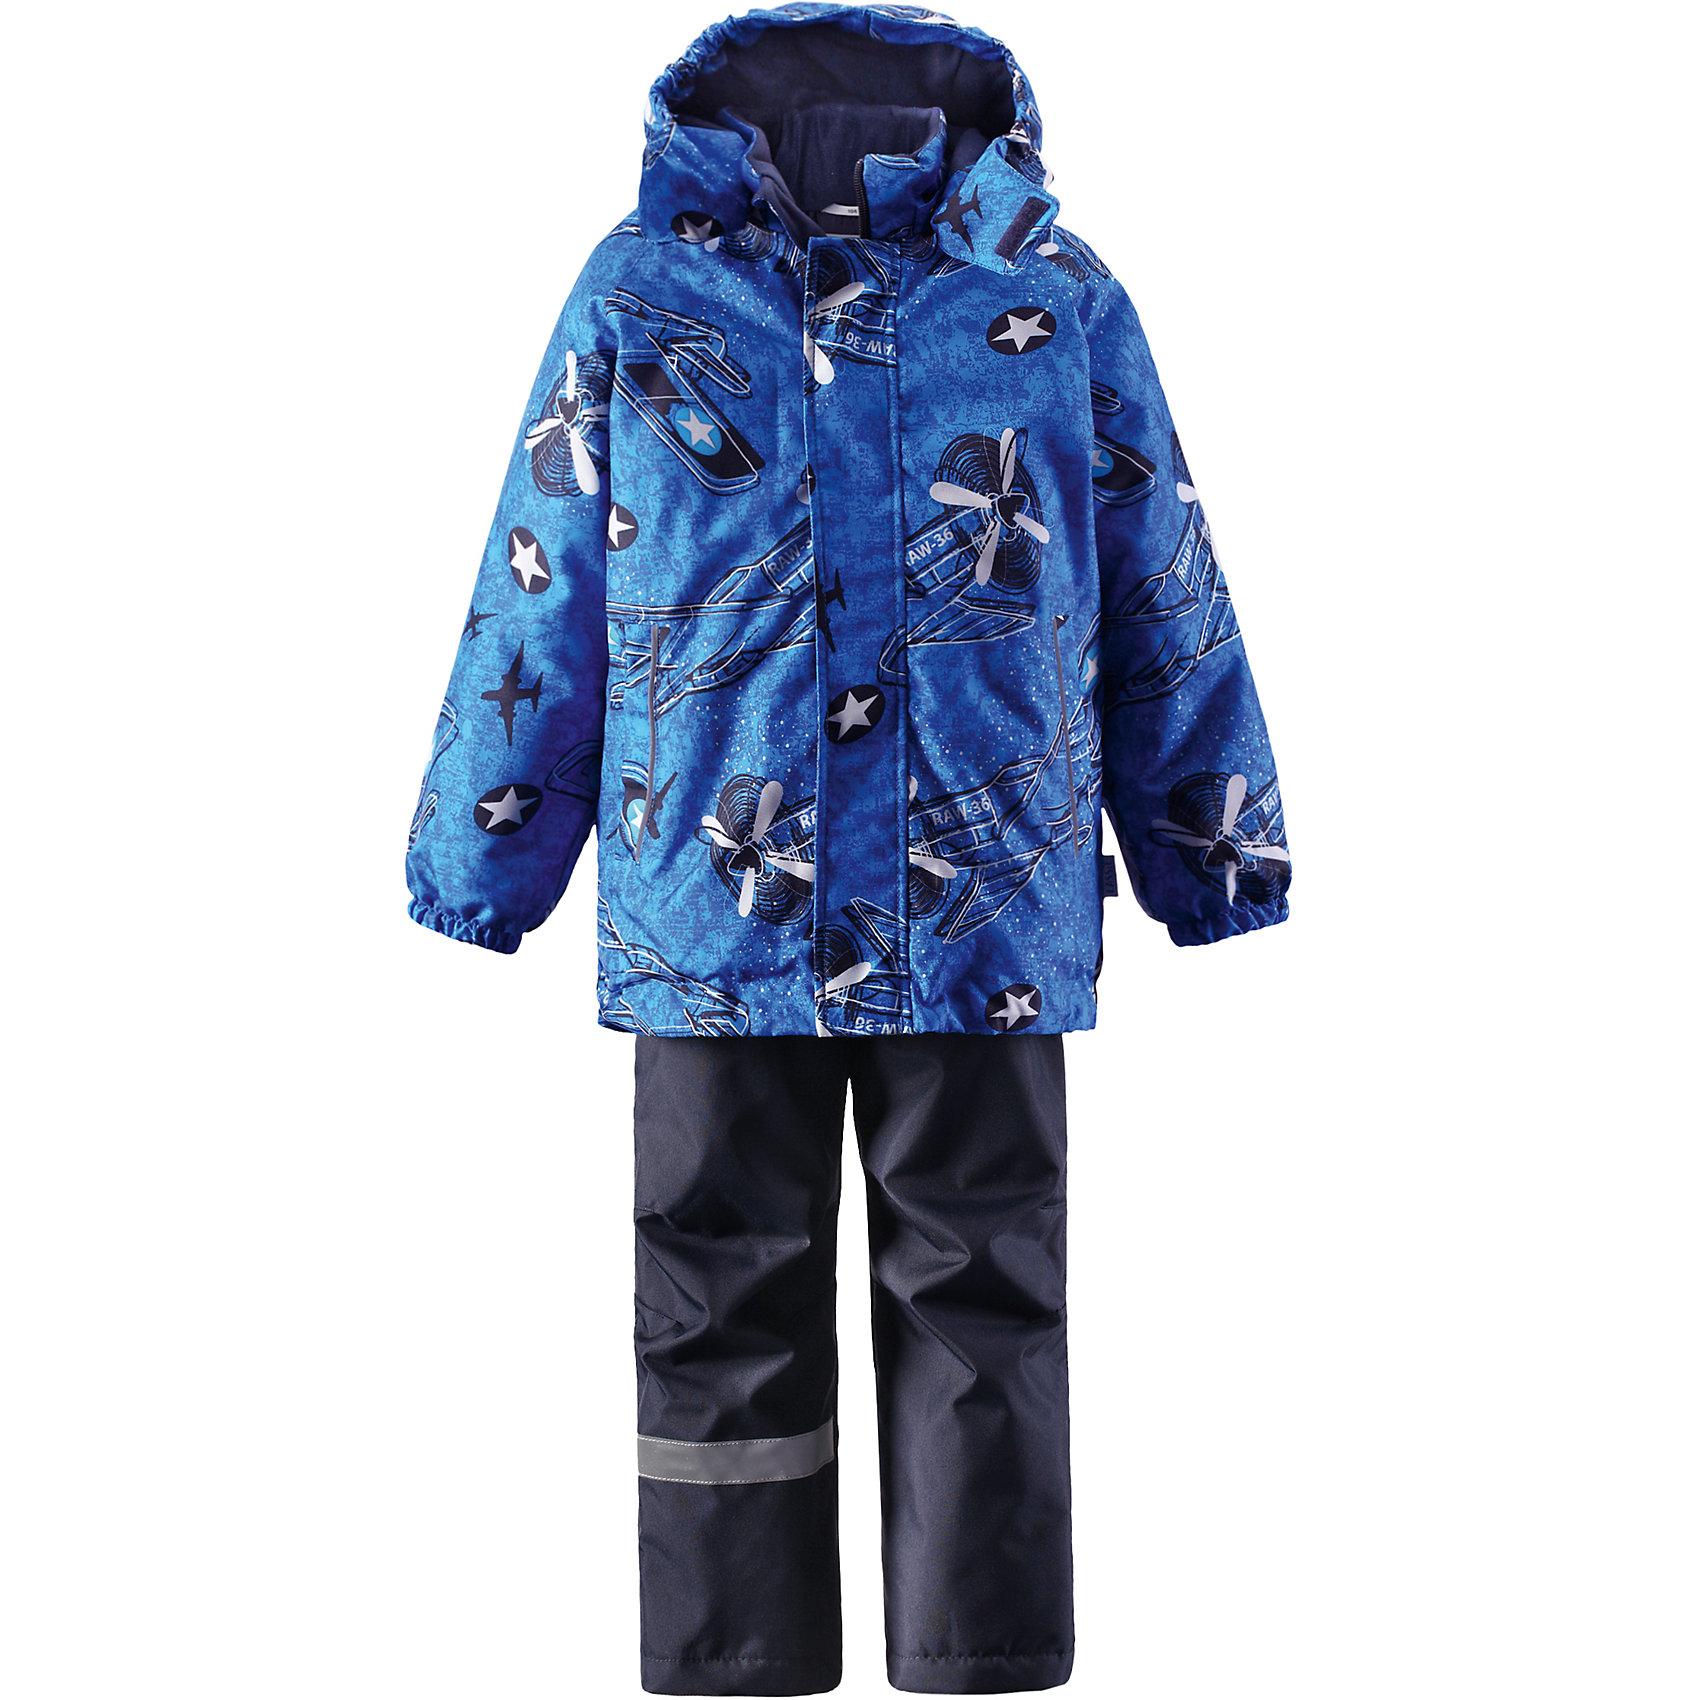 Комплект для мальчика LASSIEОдежда<br>Зимний комплект для детей известной финской марки.<br><br>-  Прочный материал. Водоотталкивающий, ветронепроницаемый, «дышащий» и грязеотталкивающий материал.<br>-  Задний серединный шов брюк проклеен.<br>-  Гладкая подкладка из полиэстра.<br>-  Средняя степень утепления. <br>- Безопасный, съемный капюшон.<br>-  Эластичные манжеты. Эластичная талия. <br>- Регулируемый подол. Снегозащитные манжеты на штанинах. <br>- Ширинка на молнии. Карманы в боковых швах.<br>-  Регулируемые и отстегивающиеся эластичные подтяжки.<br>-  Принт по всей поверхности. <br><br> Рекомендации по уходу: Стирать по отдельности, вывернув наизнанку. Застегнуть молнии и липучки. Соблюдать температуру в соответствии с руководством по уходу. Стирать моющим средством, не содержащим отбеливающие вещества. Полоскать без специального средства. Сушение в сушильном шкафу разрешено при  низкой температуре.<br><br>Состав: 100% Полиамид, полиуретановое покрытие.  Утеплитель «Lassie wadding» 100гр.(брюки); 180гр.(куртка).<br><br>Ширина мм: 190<br>Глубина мм: 74<br>Высота мм: 229<br>Вес г: 236<br>Цвет: синий<br>Возраст от месяцев: 18<br>Возраст до месяцев: 24<br>Пол: Мужской<br>Возраст: Детский<br>Размер: 92,140,98,104,110,116,122,128,134<br>SKU: 4782208